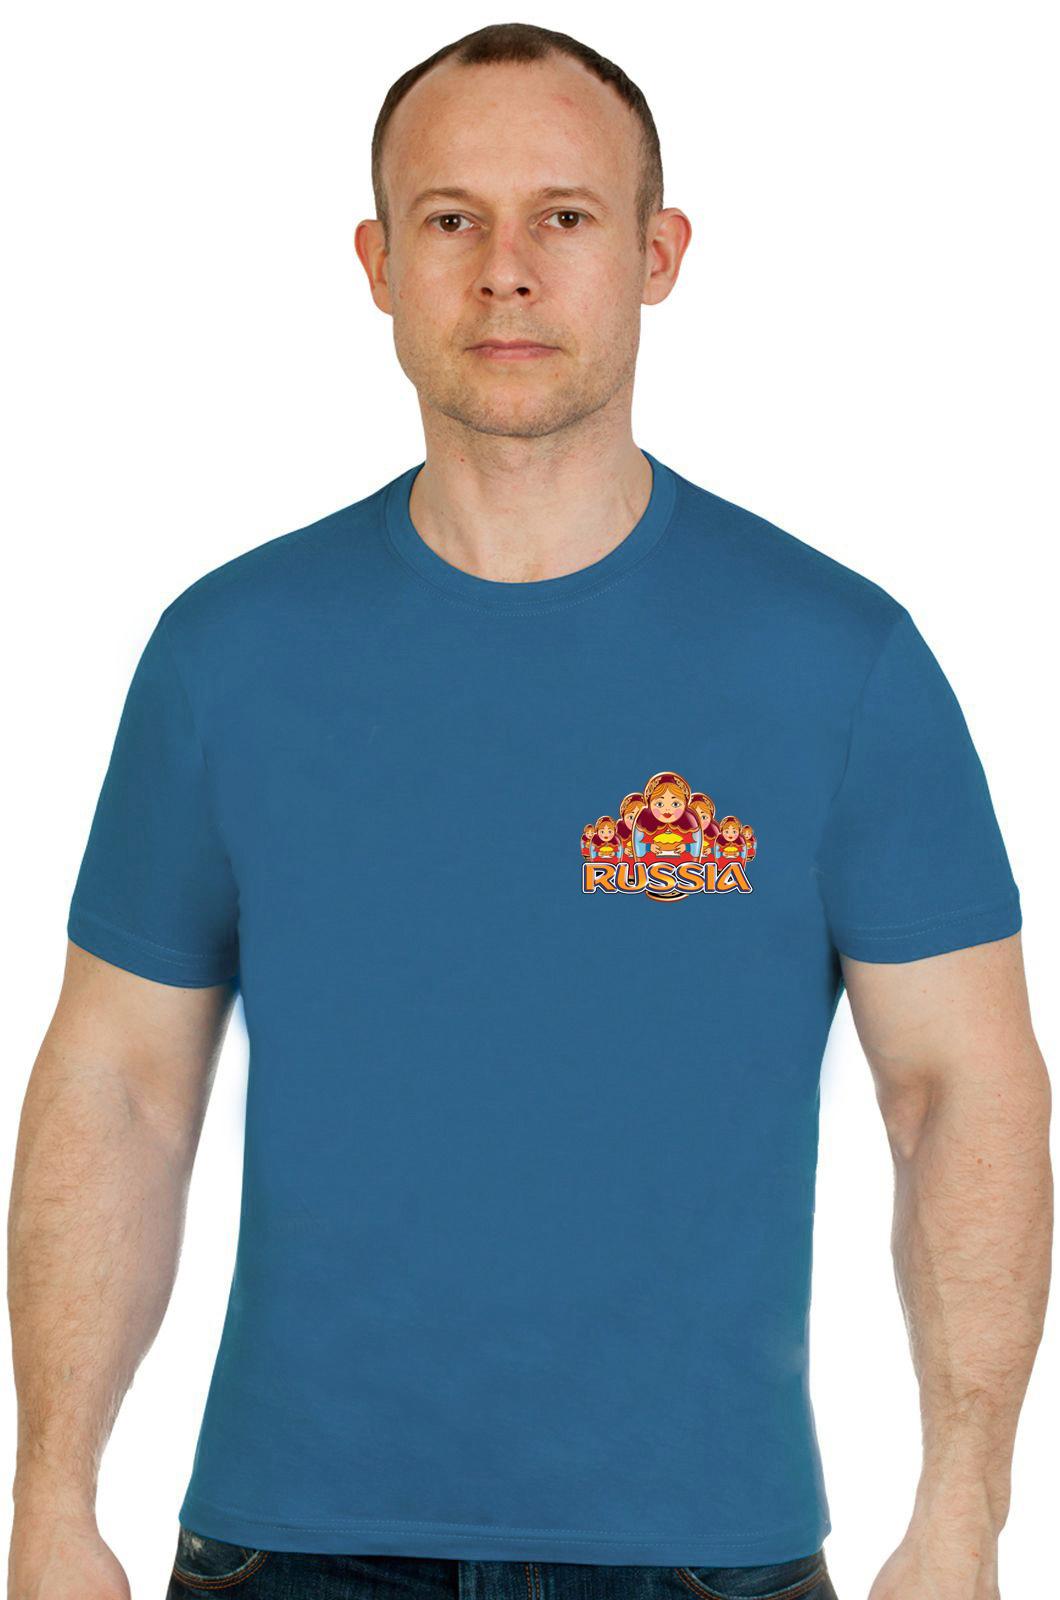 Купить великолепную футболку RUSSIA с матрешками по лучшей цене